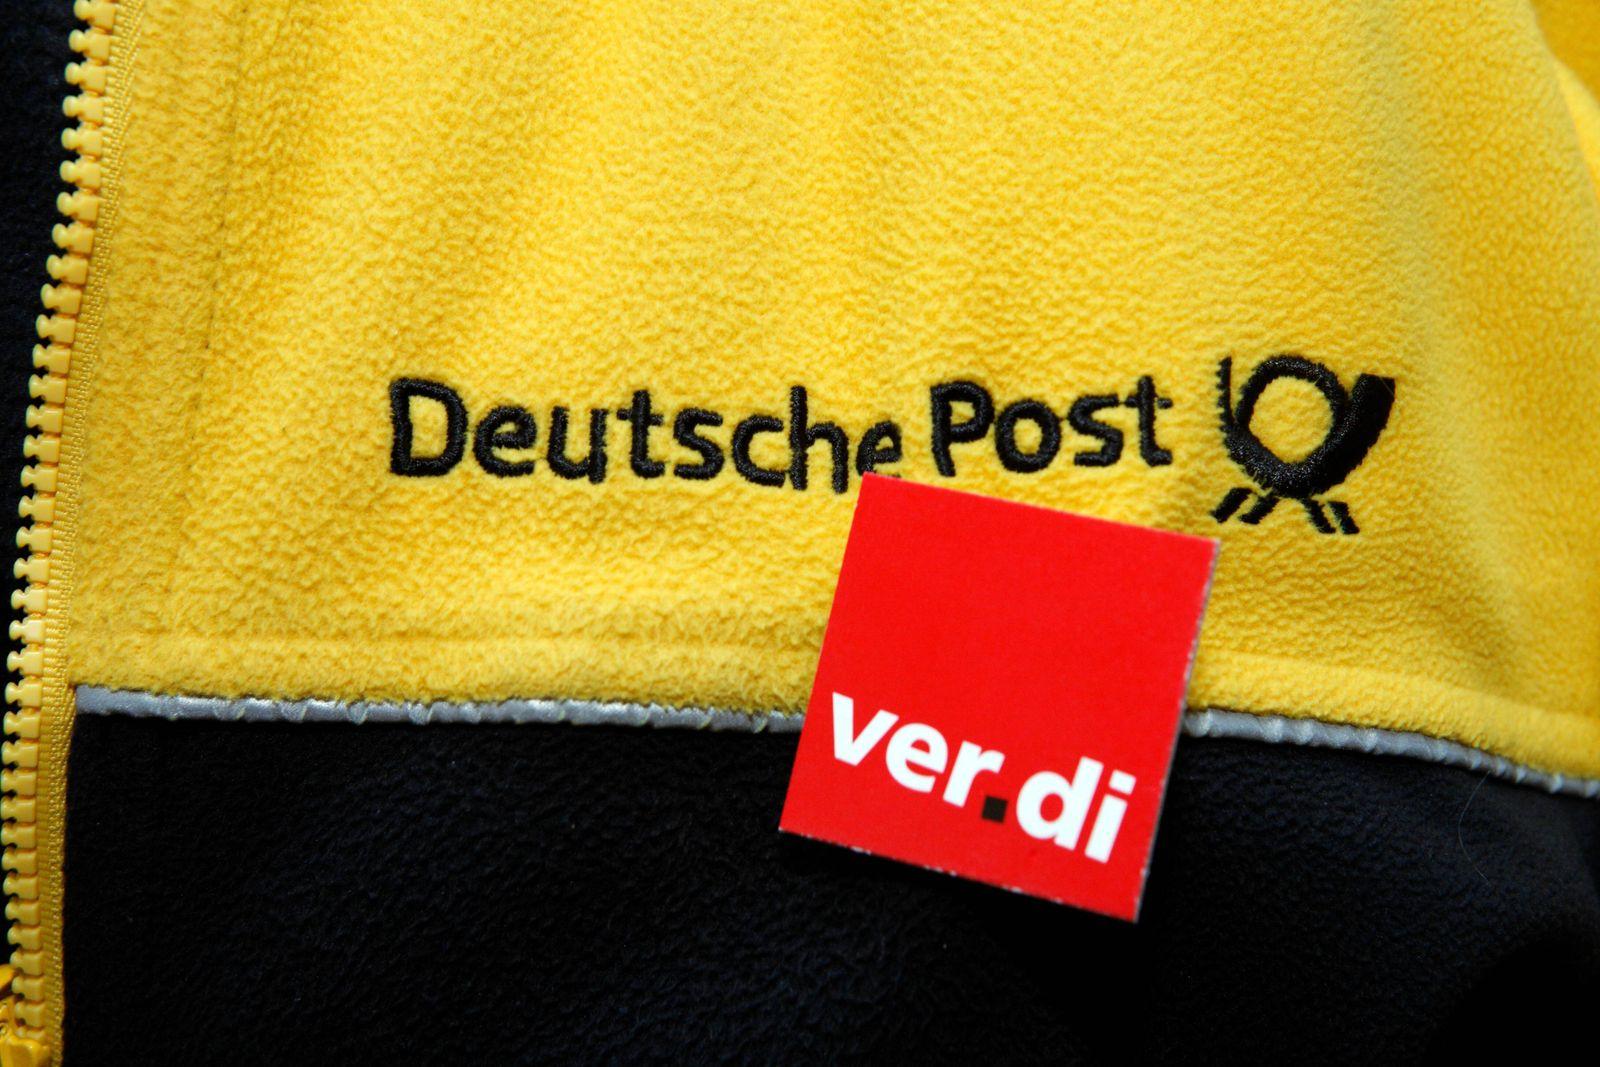 Verdi Sticker auf einer Post Fleecejacke ibljoe00614624